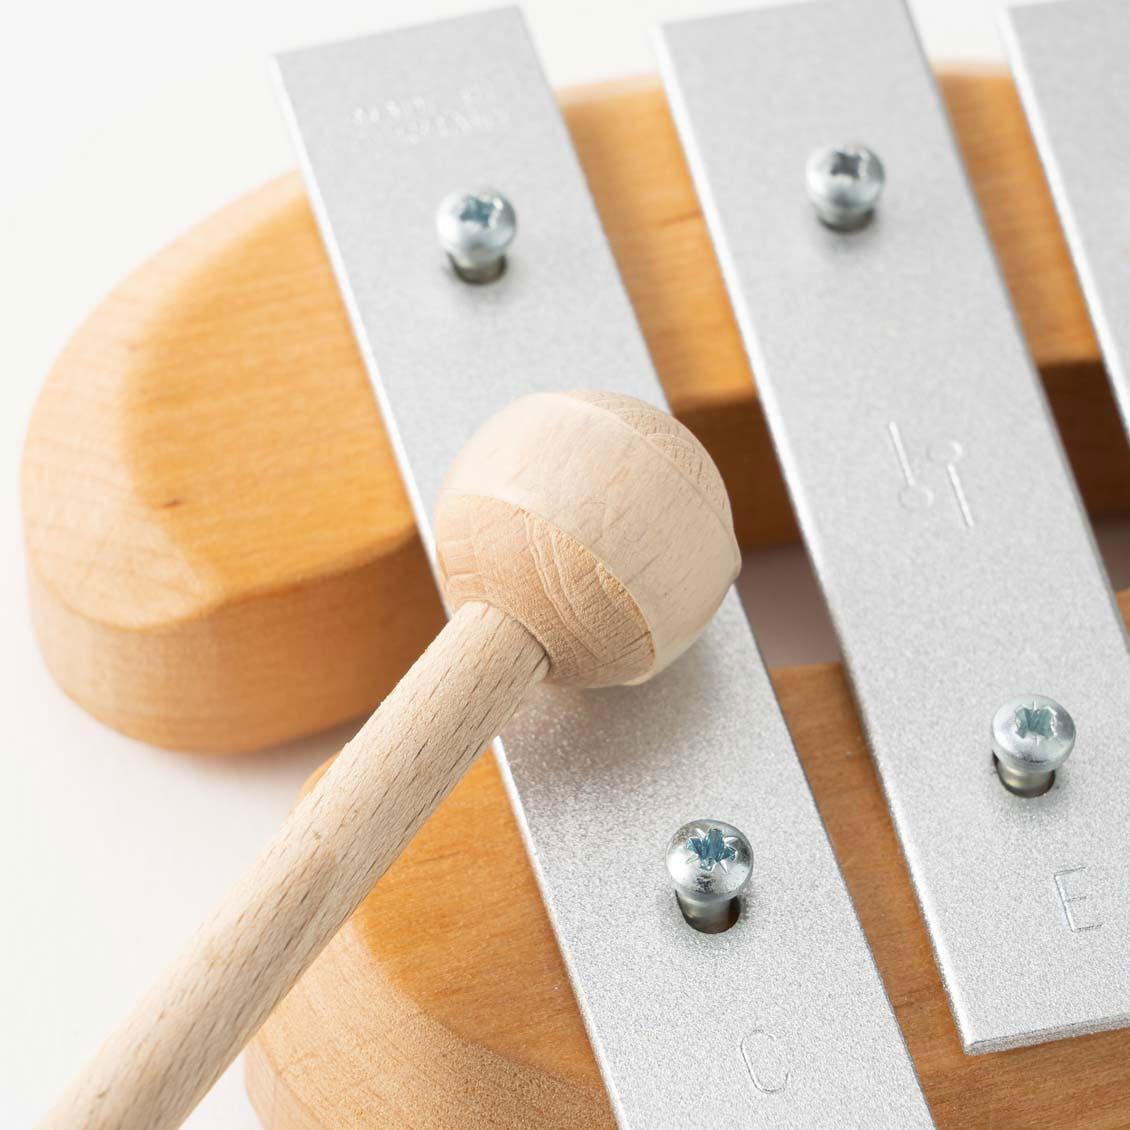 デコアの鉄琴・ドミソ|楽器のおもちゃ